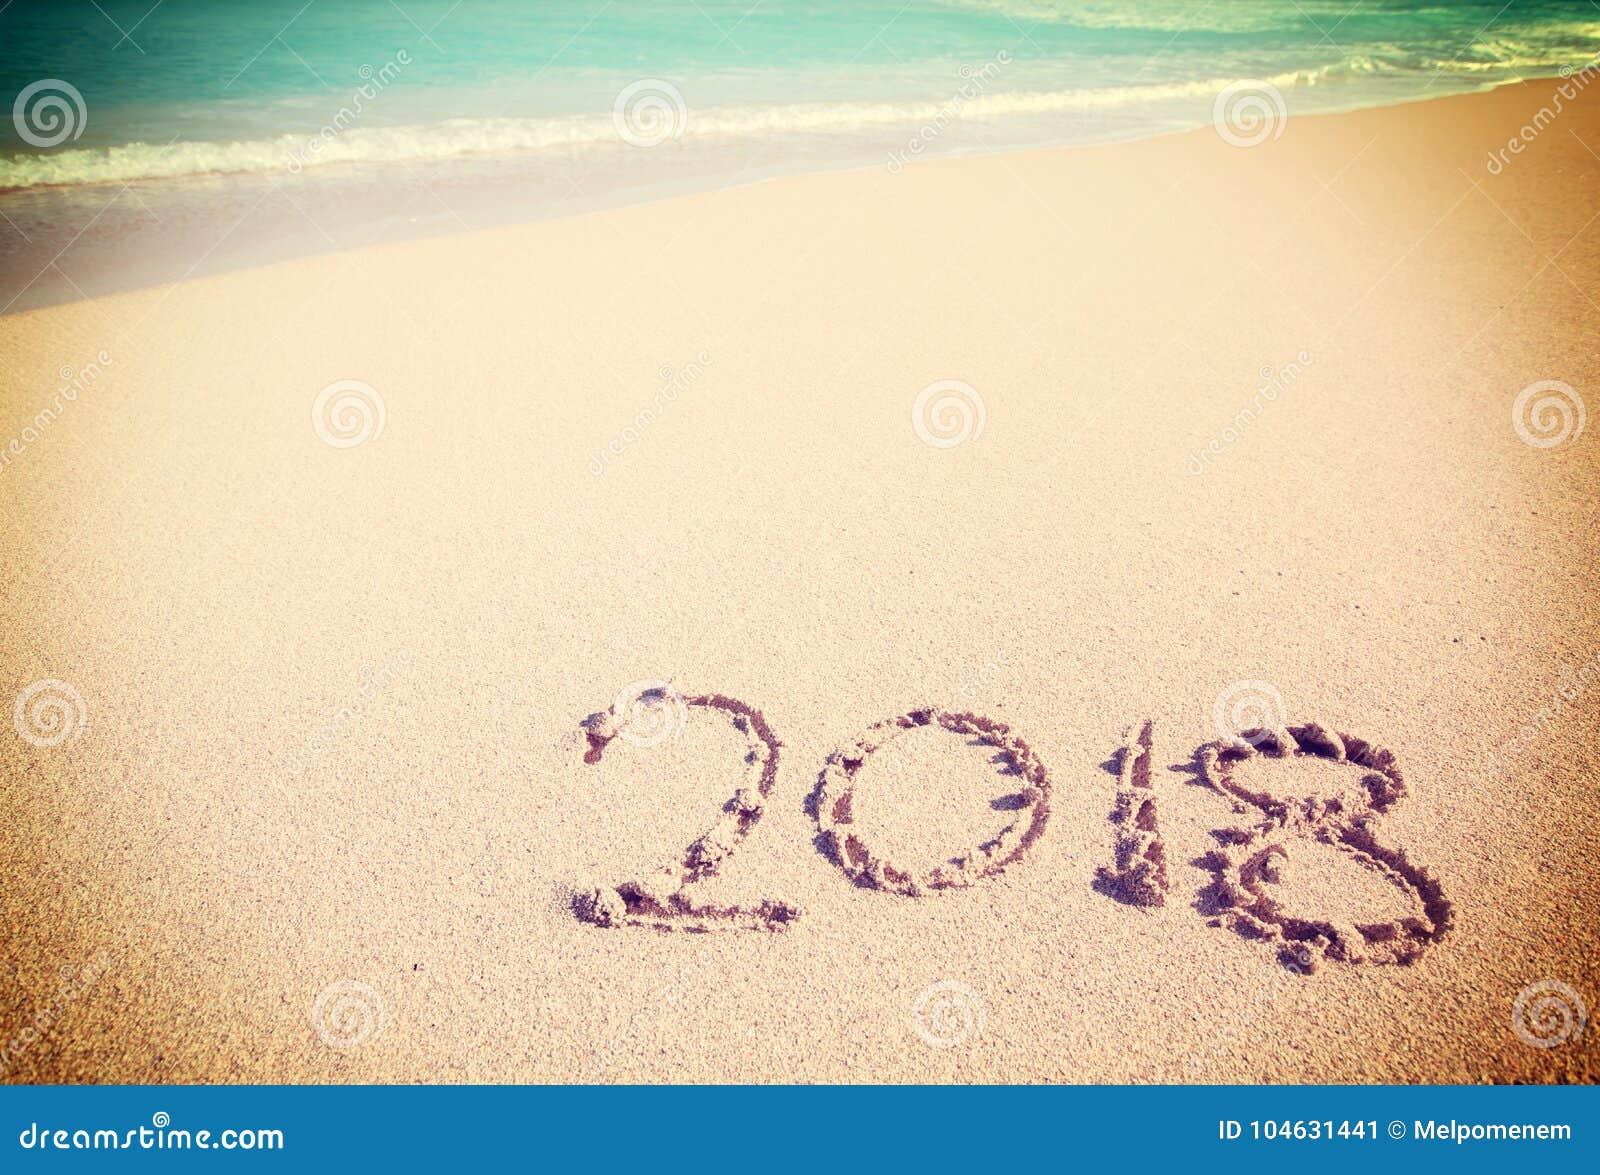 Download Het Vieren Van 2018 Op Een Tropisch Strand Stock Afbeelding - Afbeelding bestaande uit wijnoogst, viering: 104631441